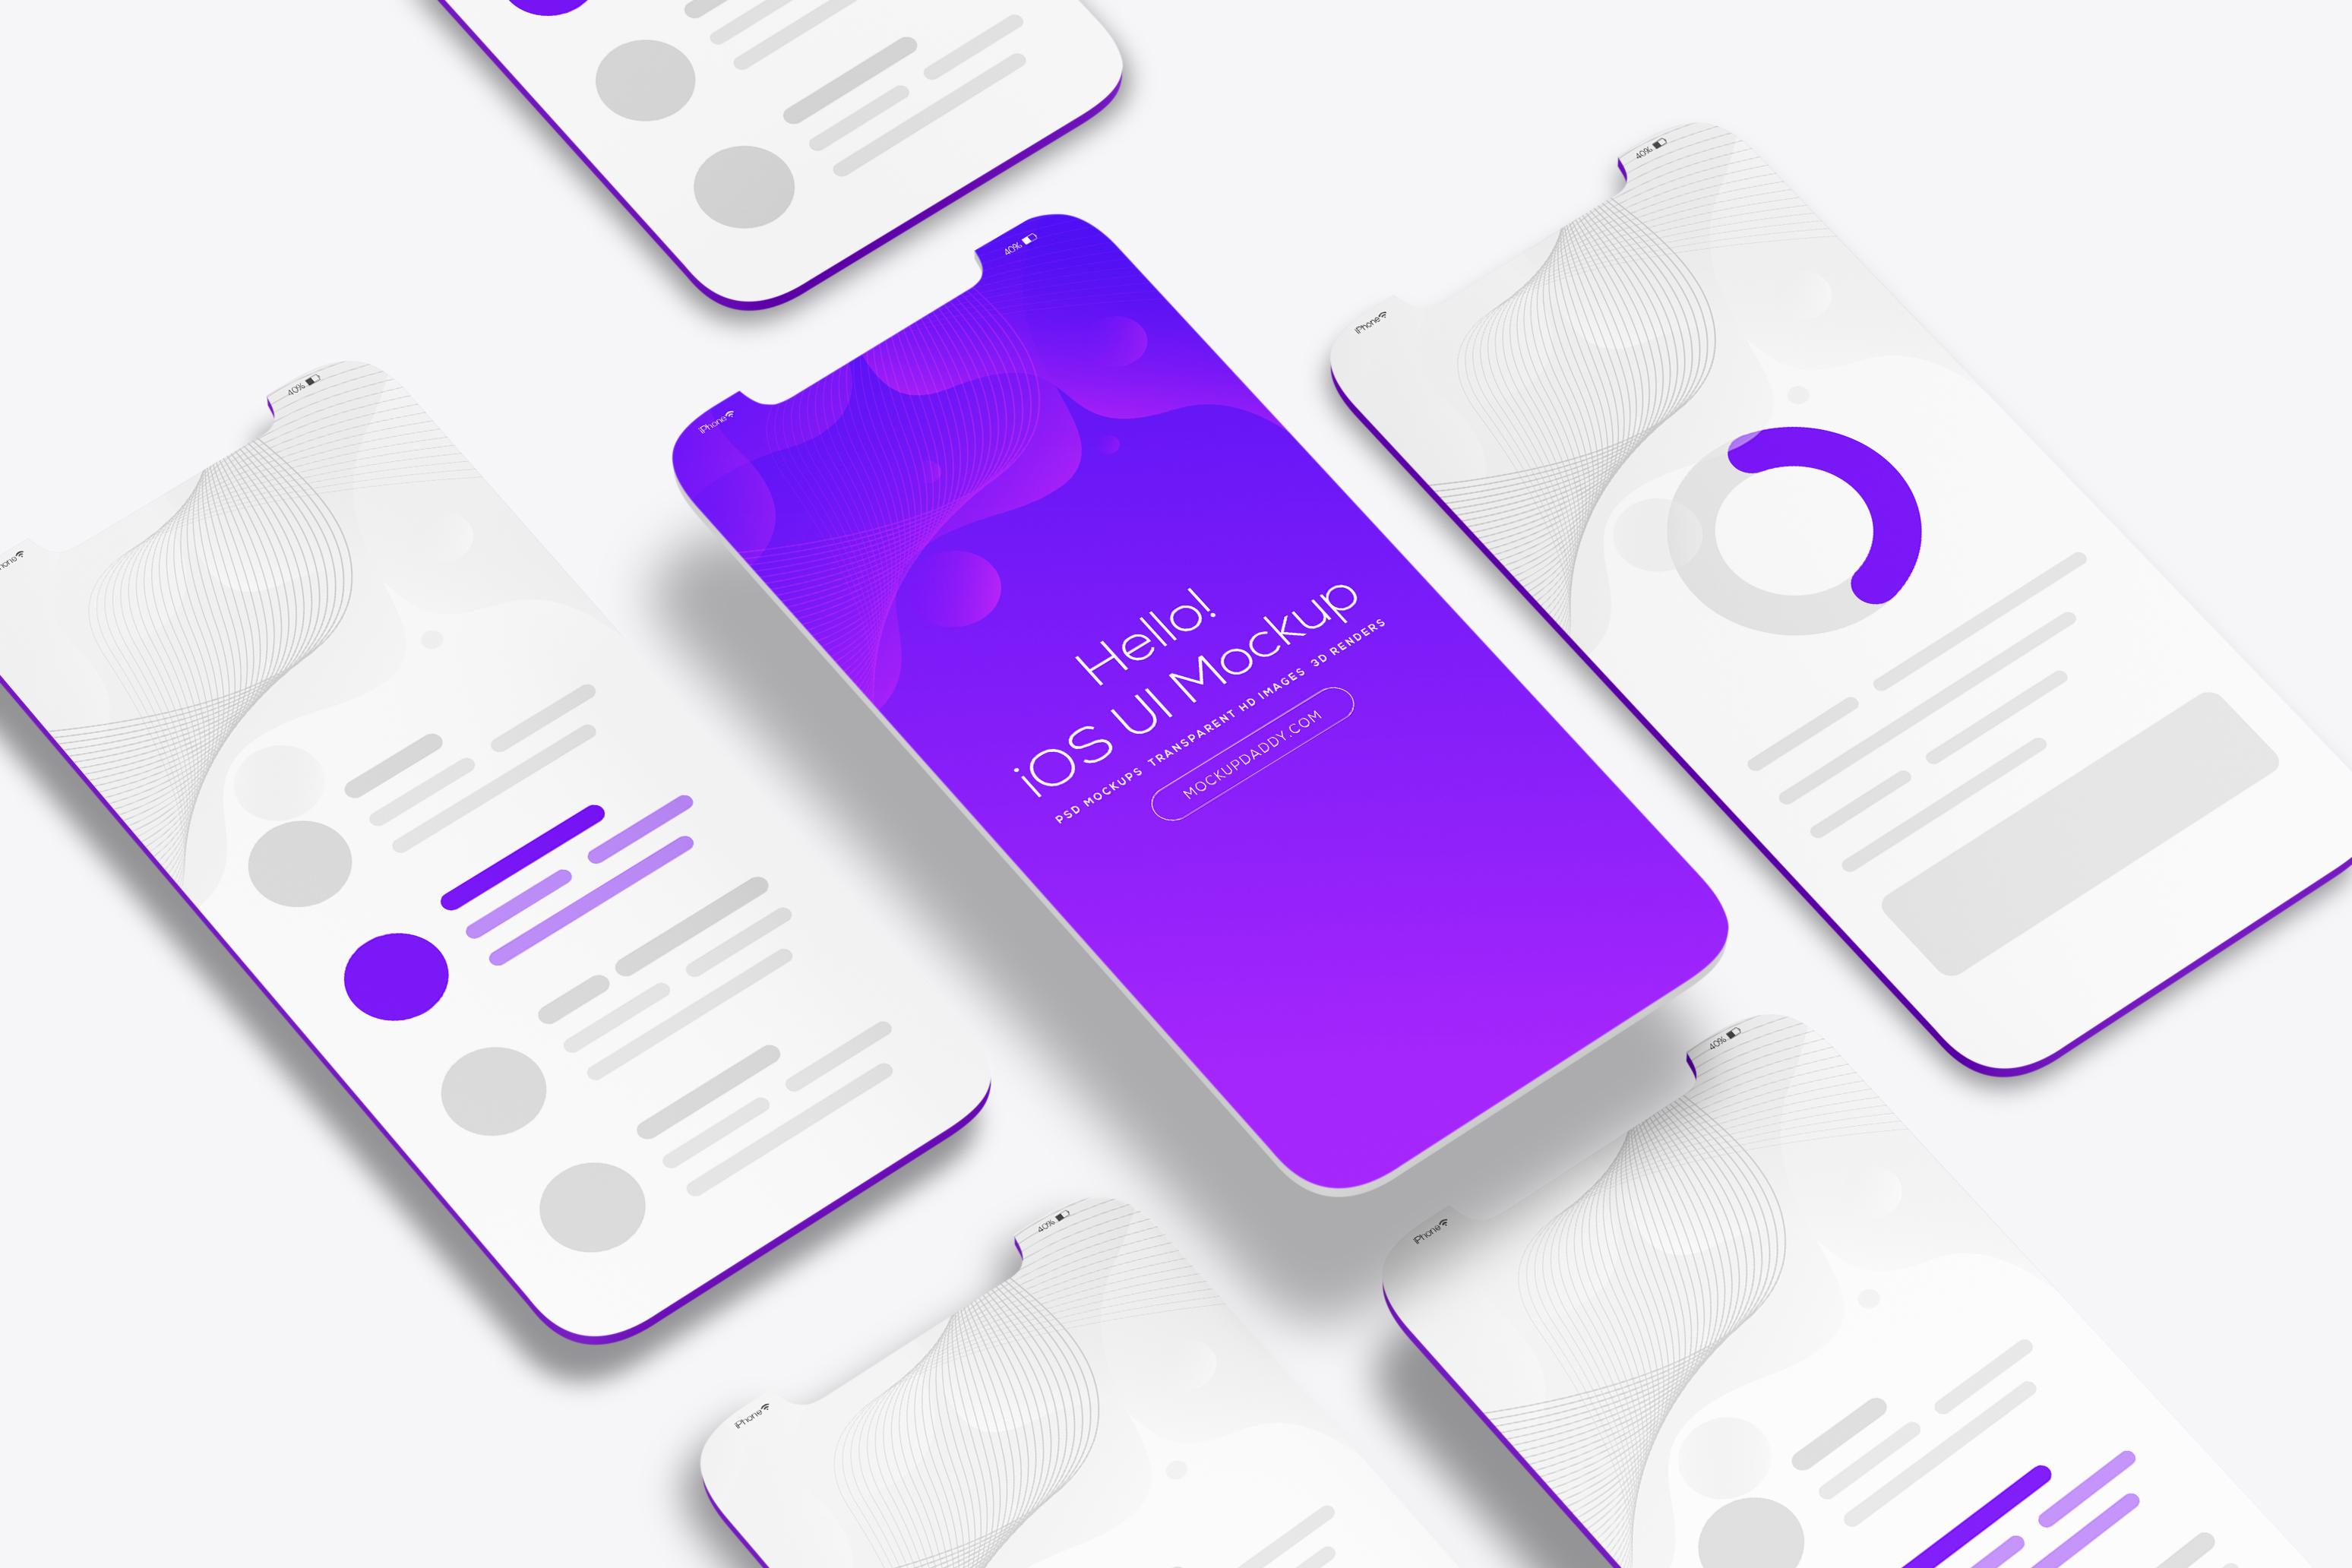 Ui Isometric Perspective Mockup Ui Mockup App Mockups